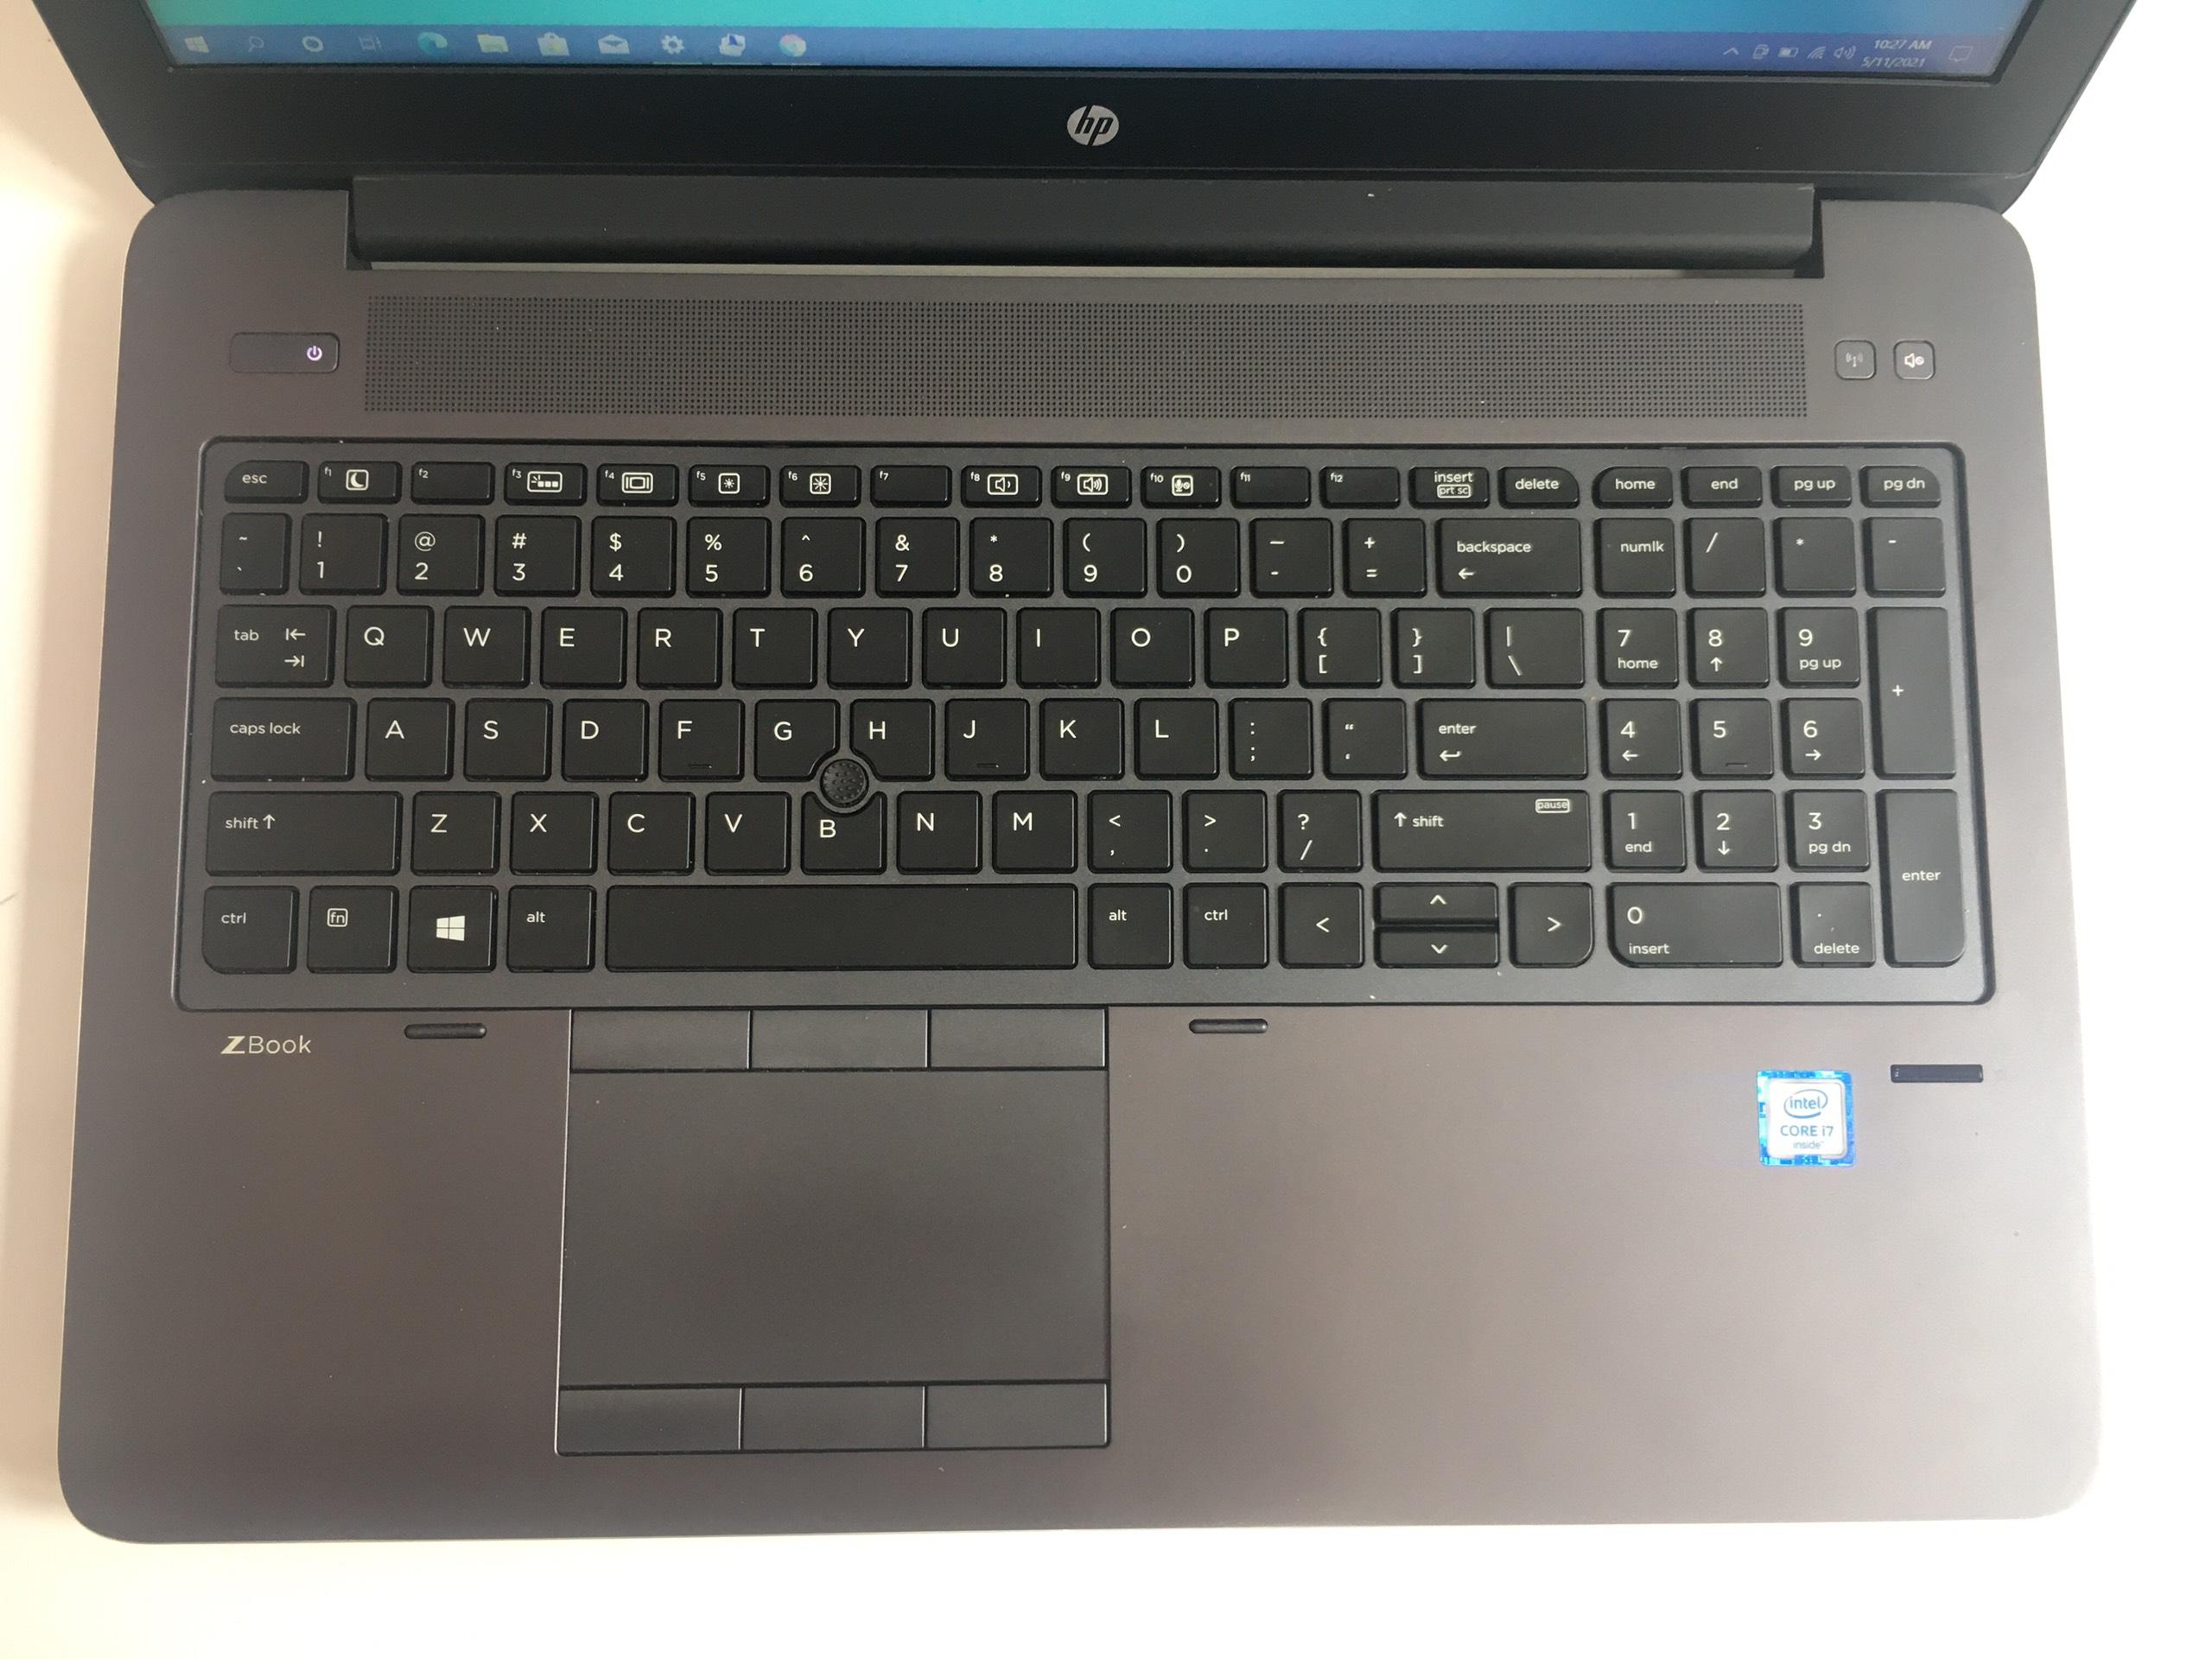 laptop-hp-zbook-15-g3-core-i7-6820hq-11